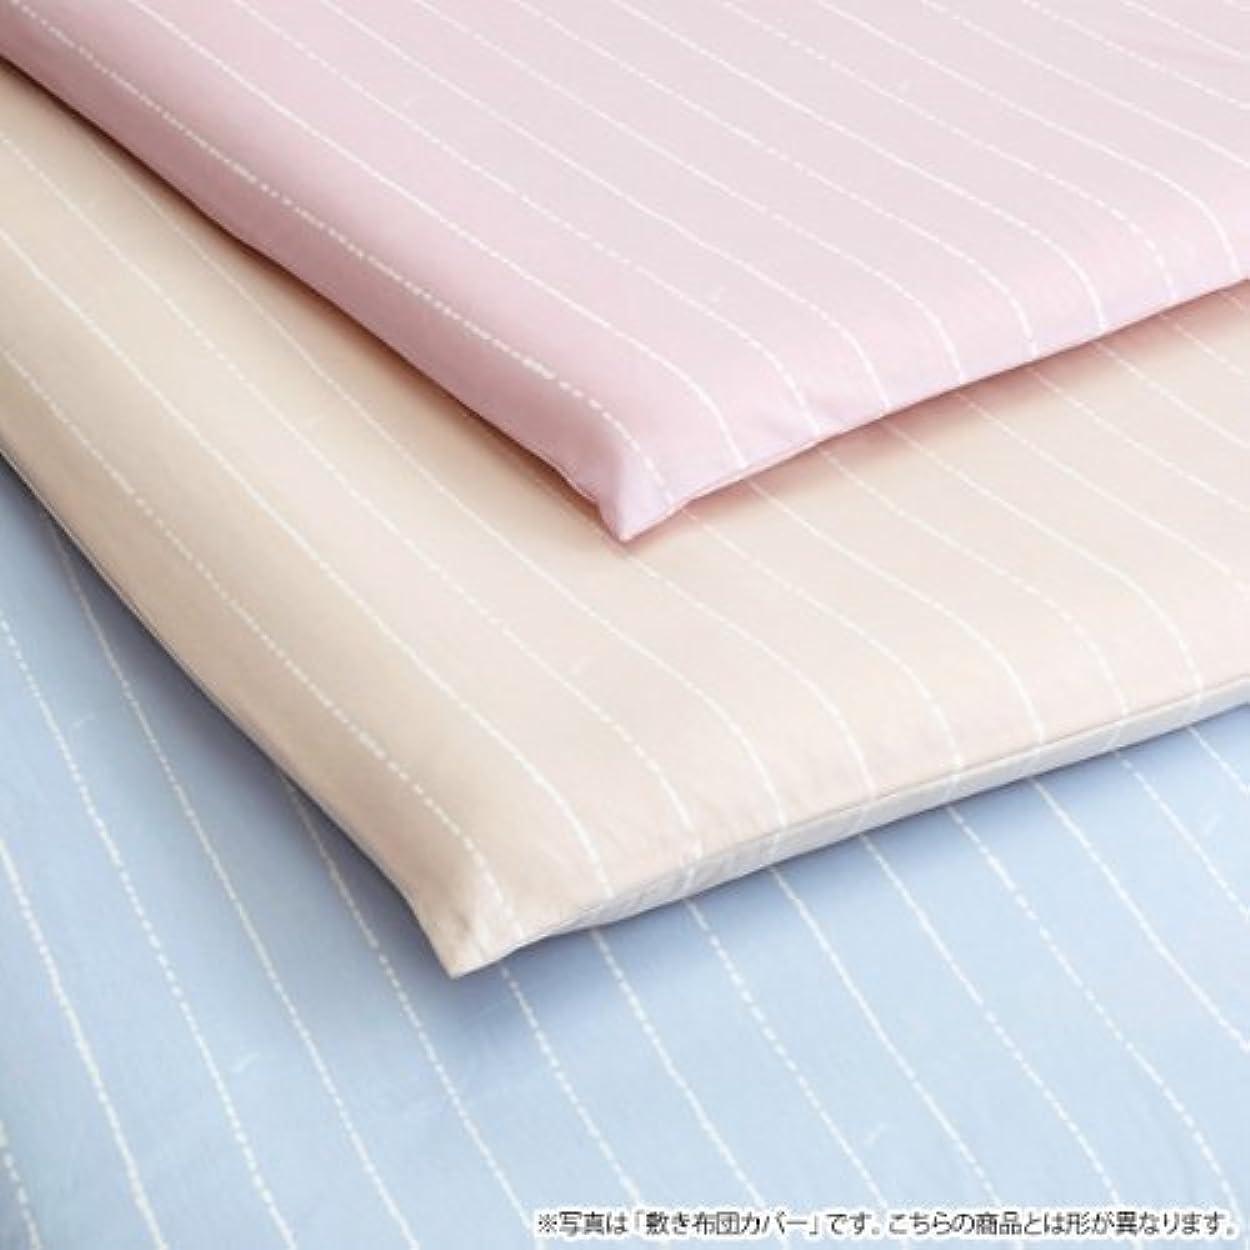 感心する根絶する前提西川リビング ベッド フィット シーツ プルーン PL114 シングル S 100×200×30cm ピンク 2123-04000